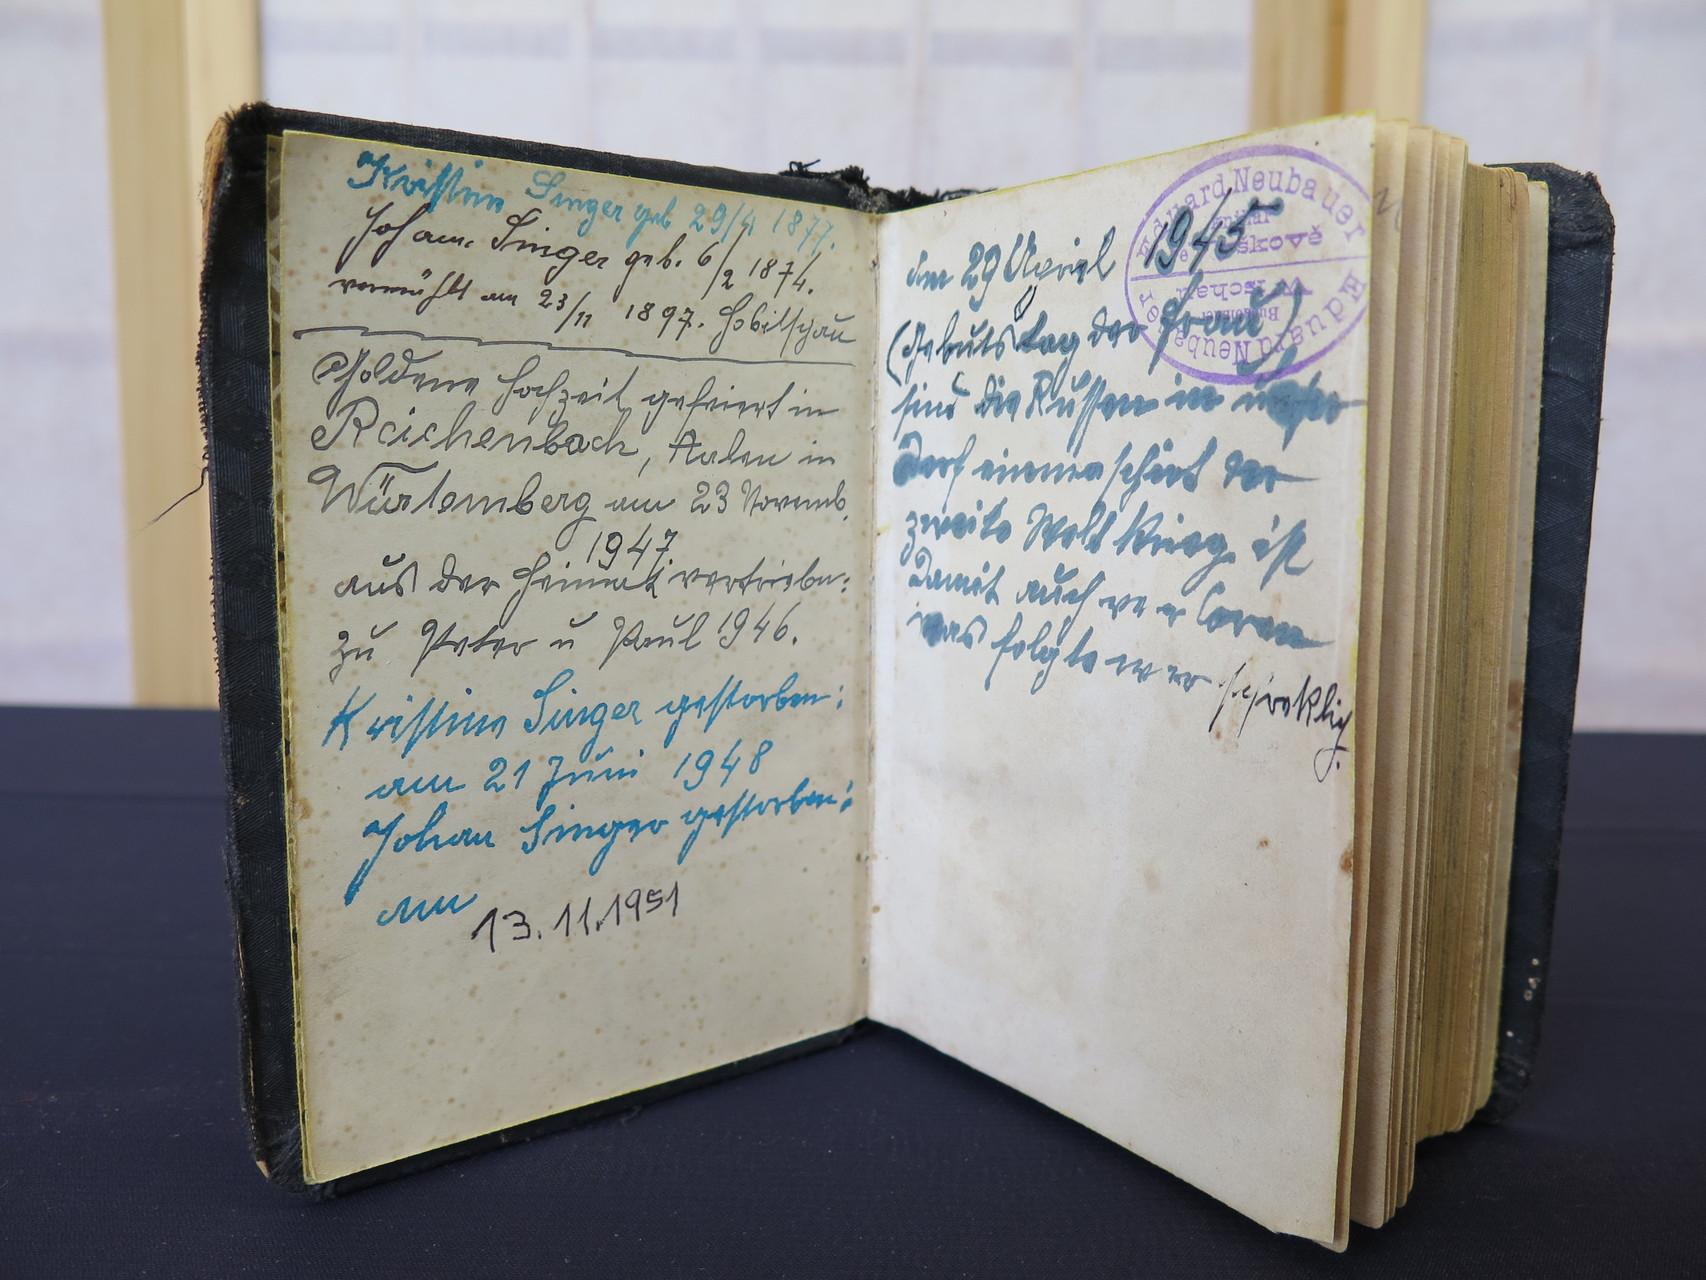 Gebetbuch mit persönlichen Aufzeichnungen